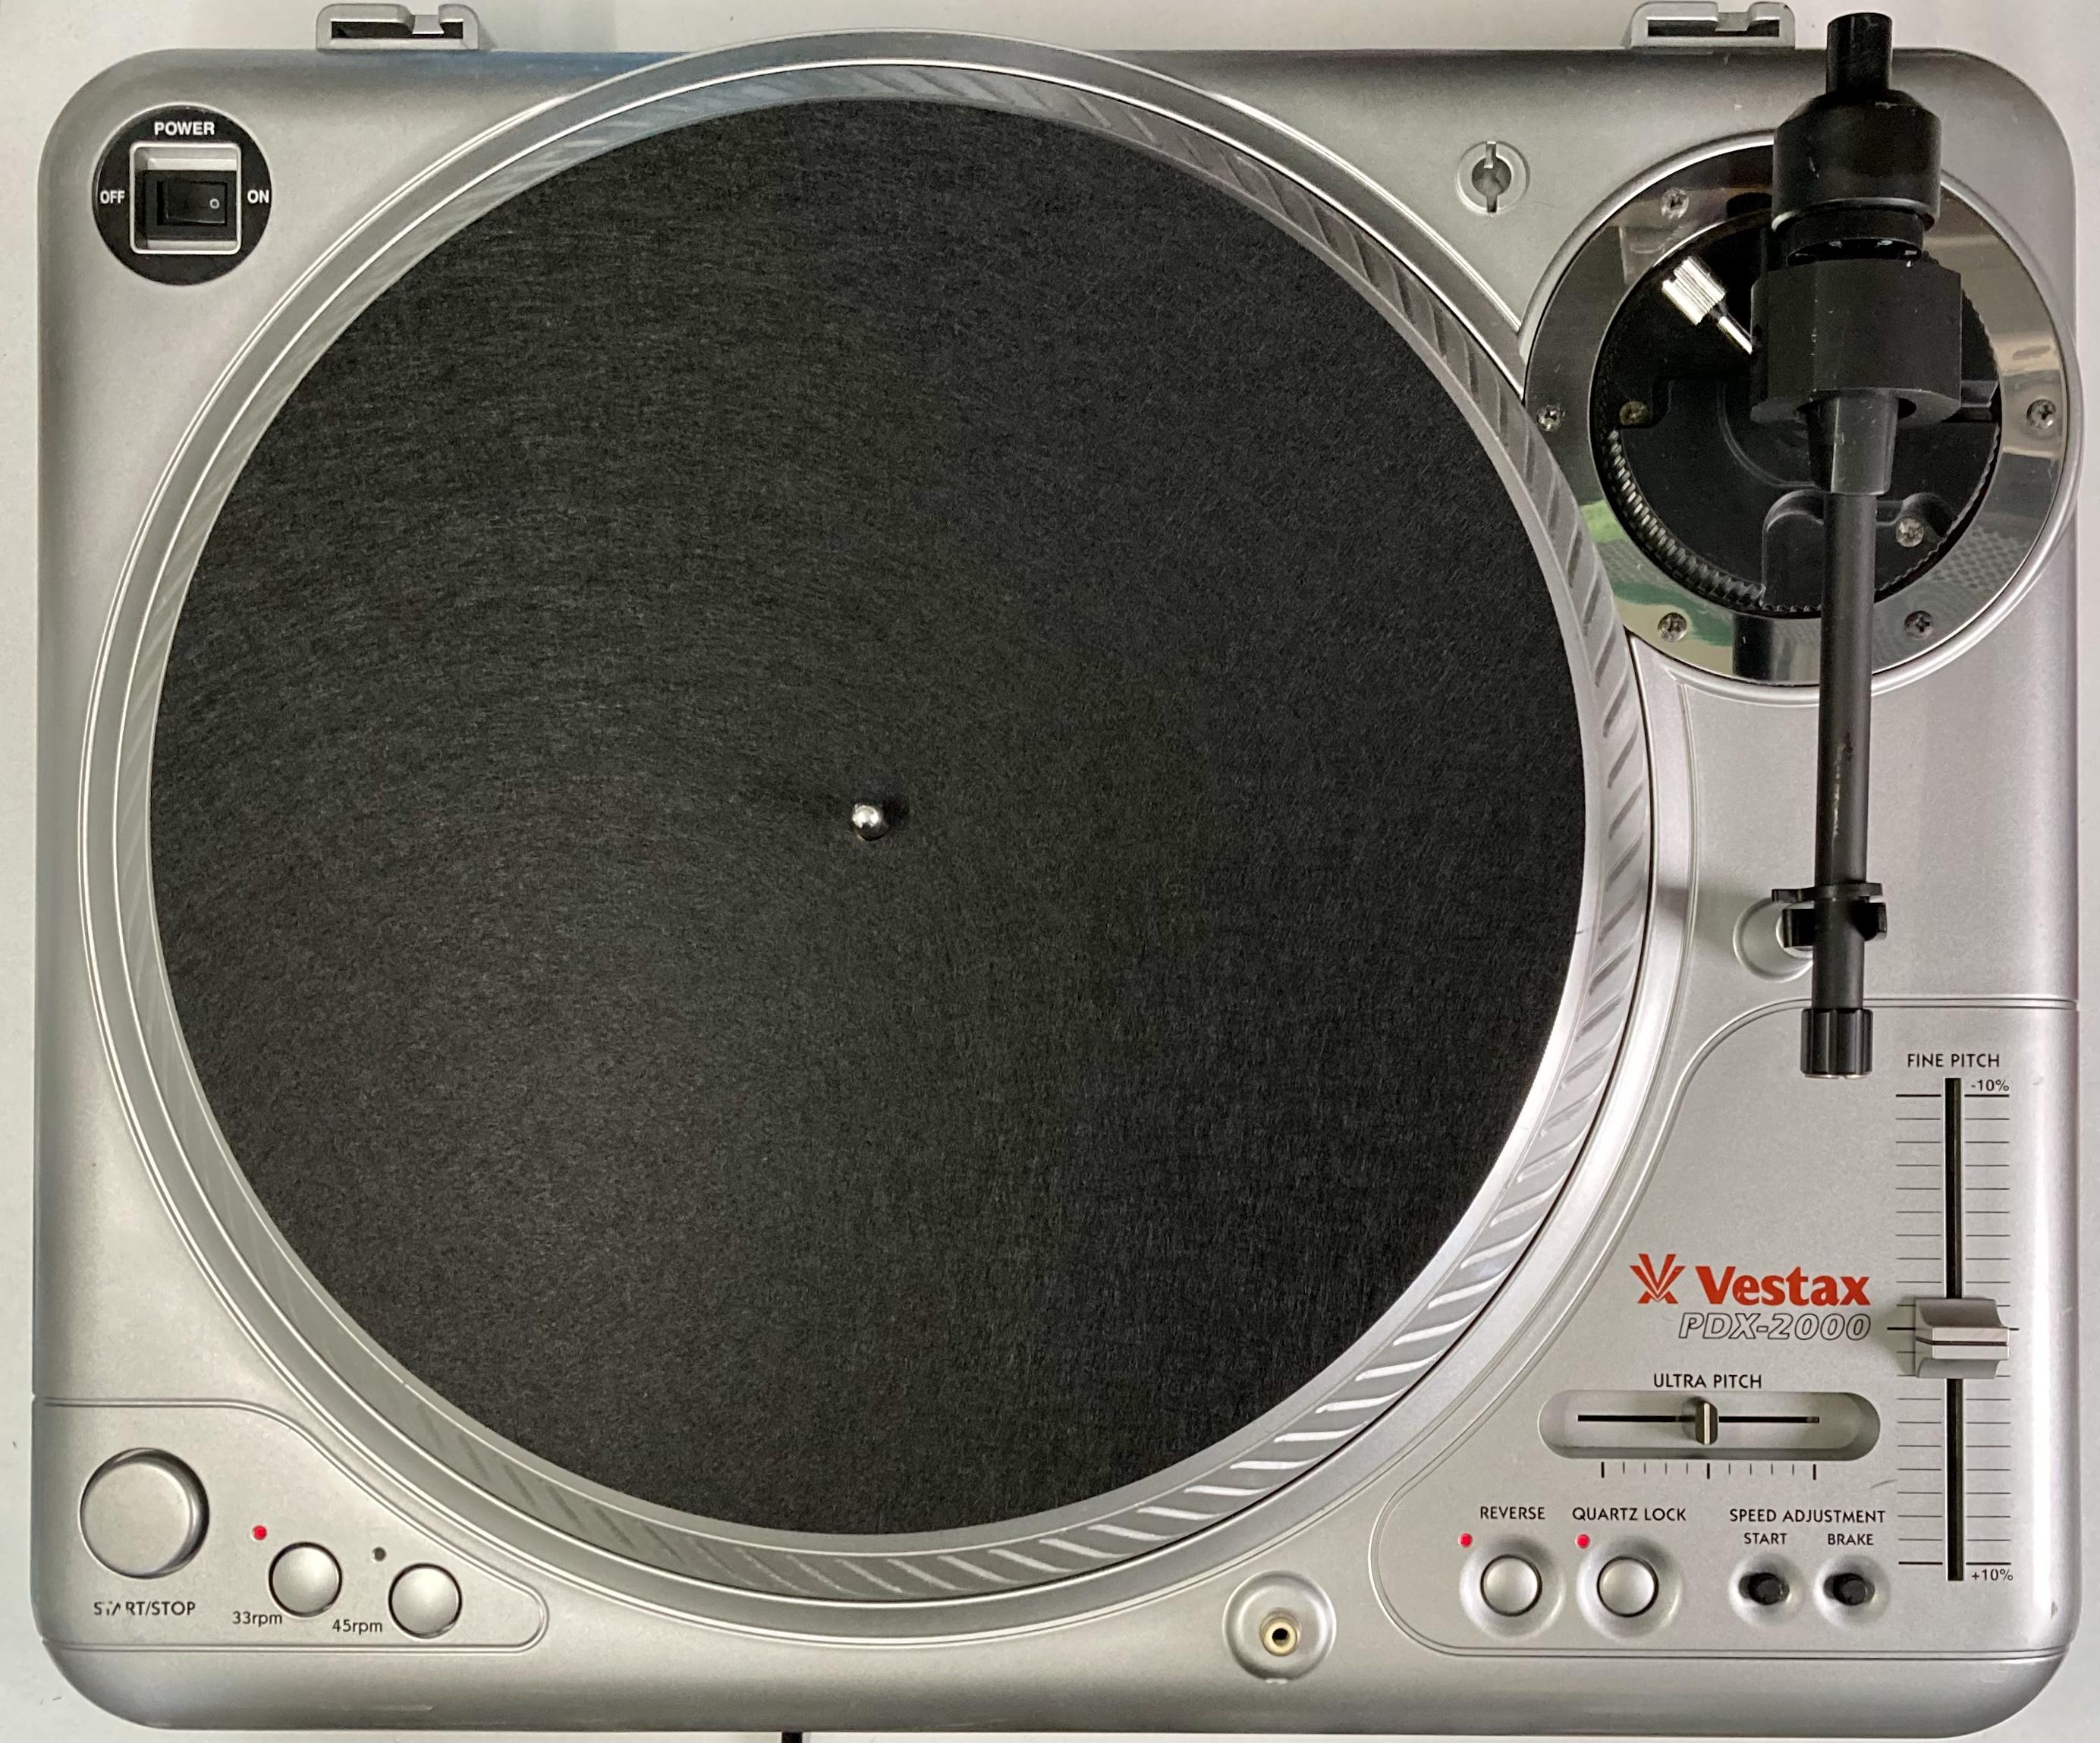 [安心のメンテナンス/カスタム済USED] Vestax PDX-2000 シルバー(インシュレーター改善品) 【6ヶ月保証付き】 TT-0107